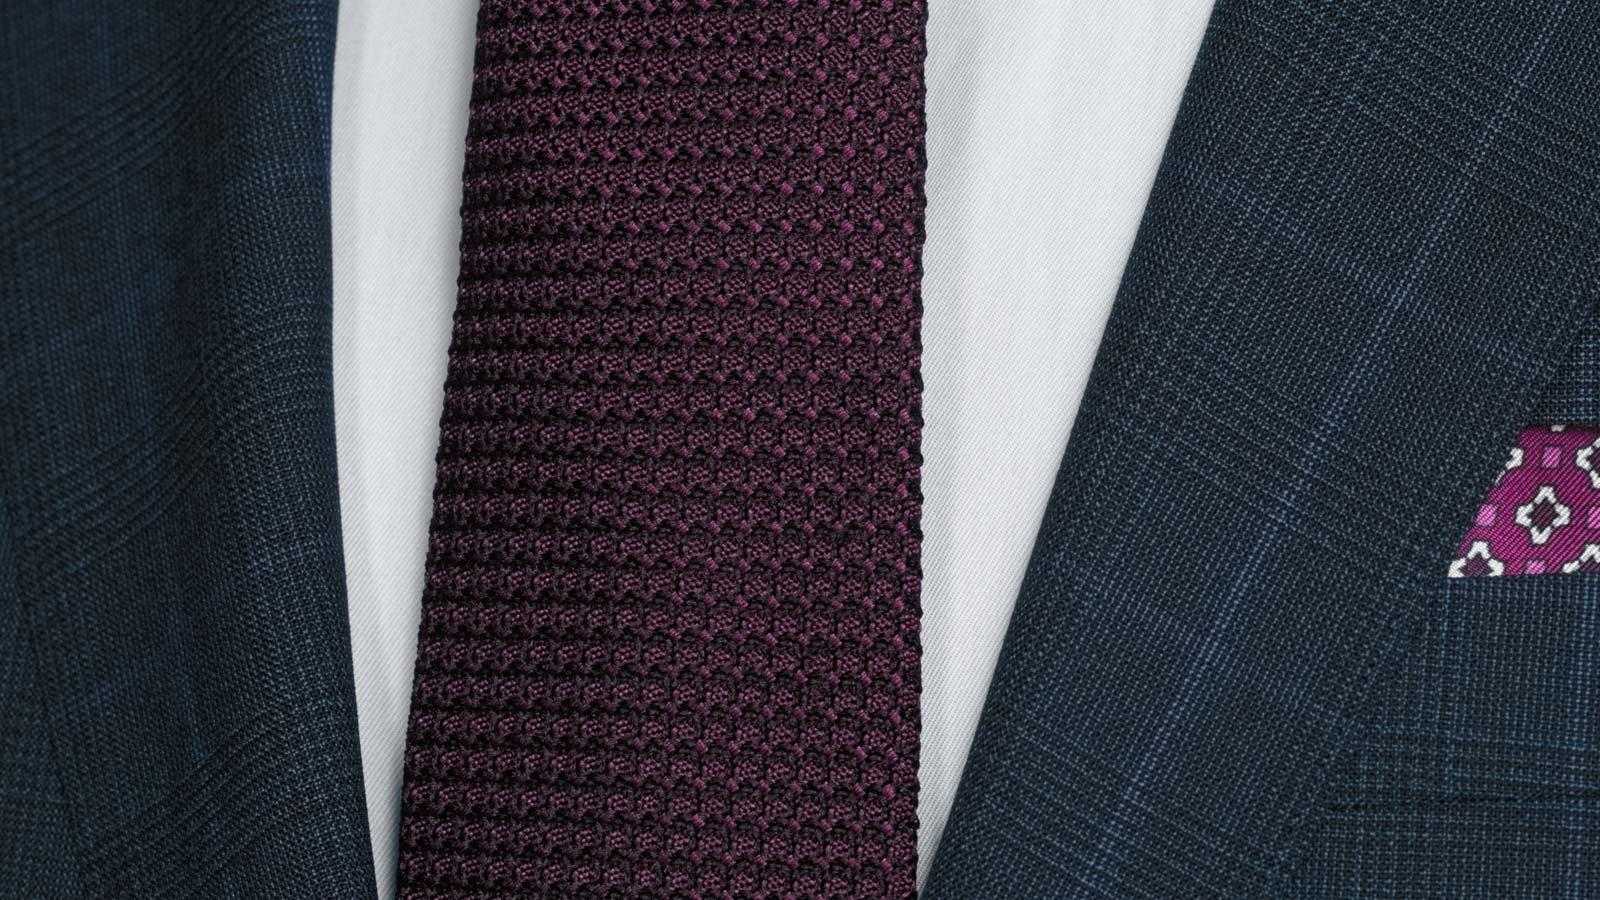 Tropical Rustic Royal Blue Plaid Suit - slider image 1